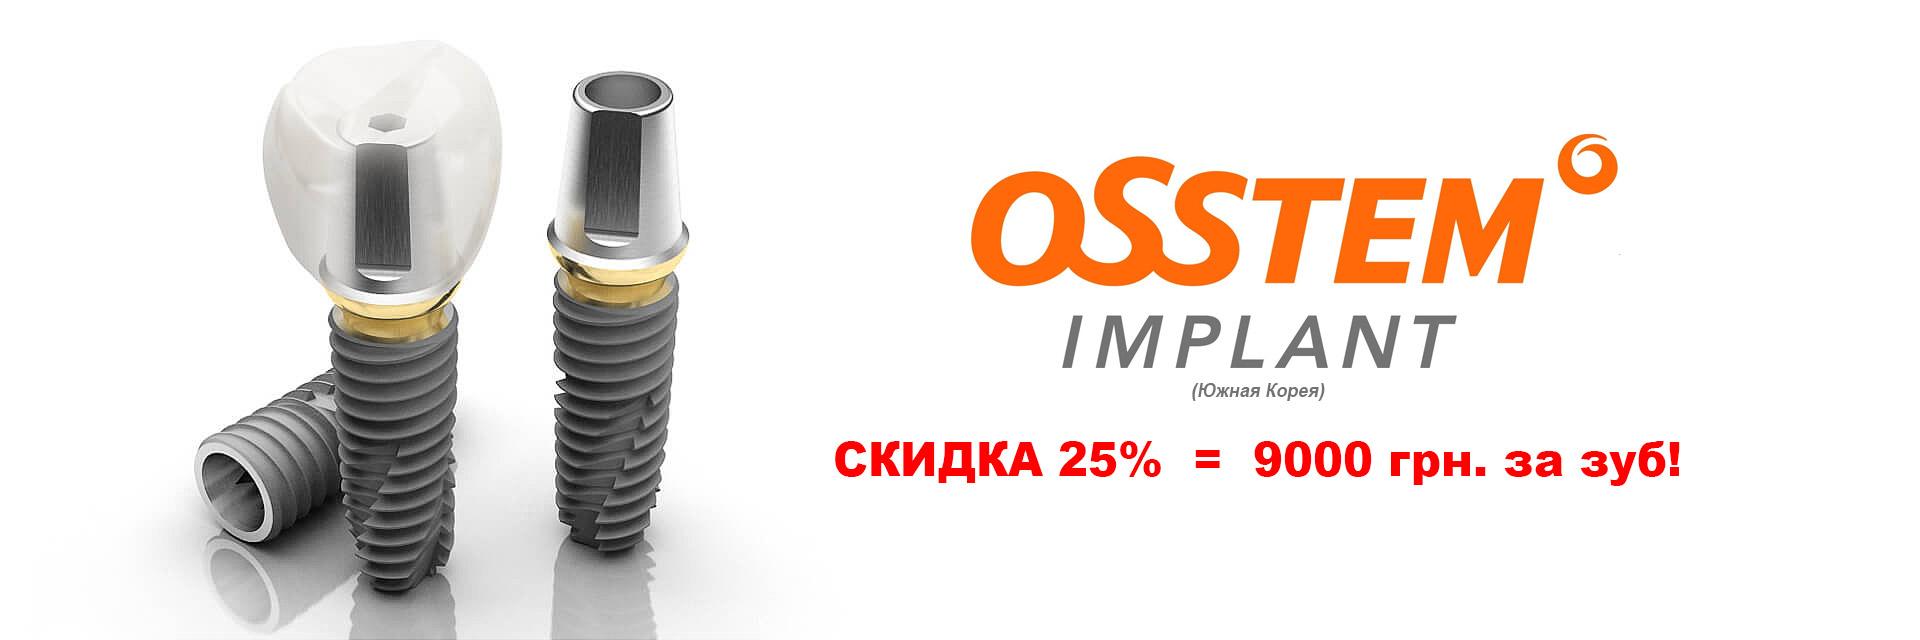 Скидка 25% на имплантацию Osstem